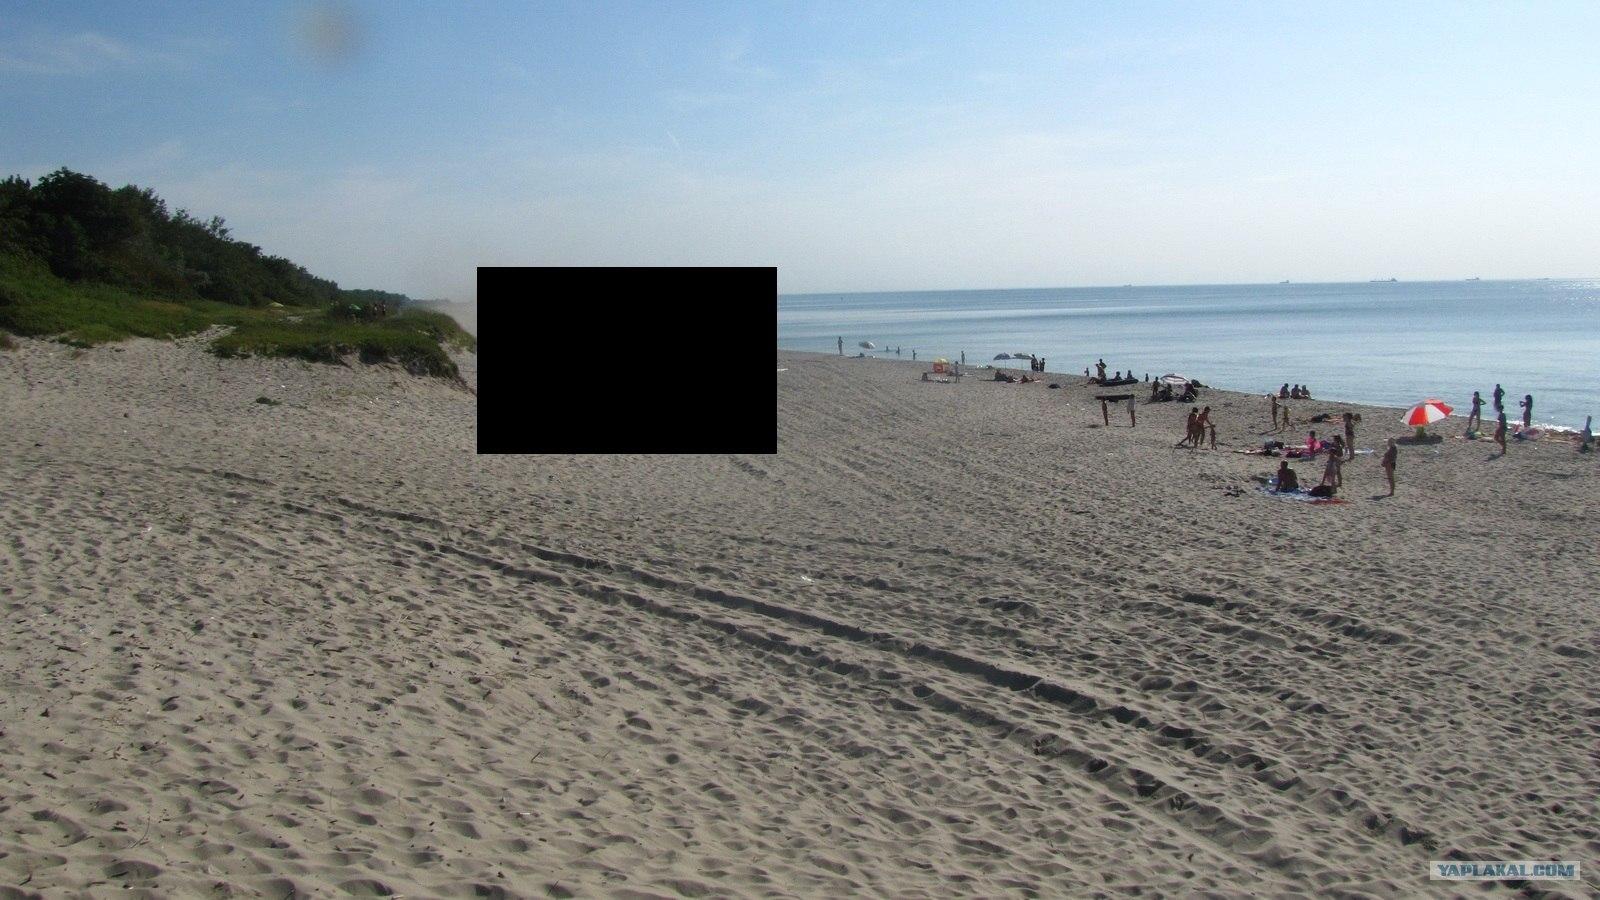 Случай на диком пляже 5 фотография